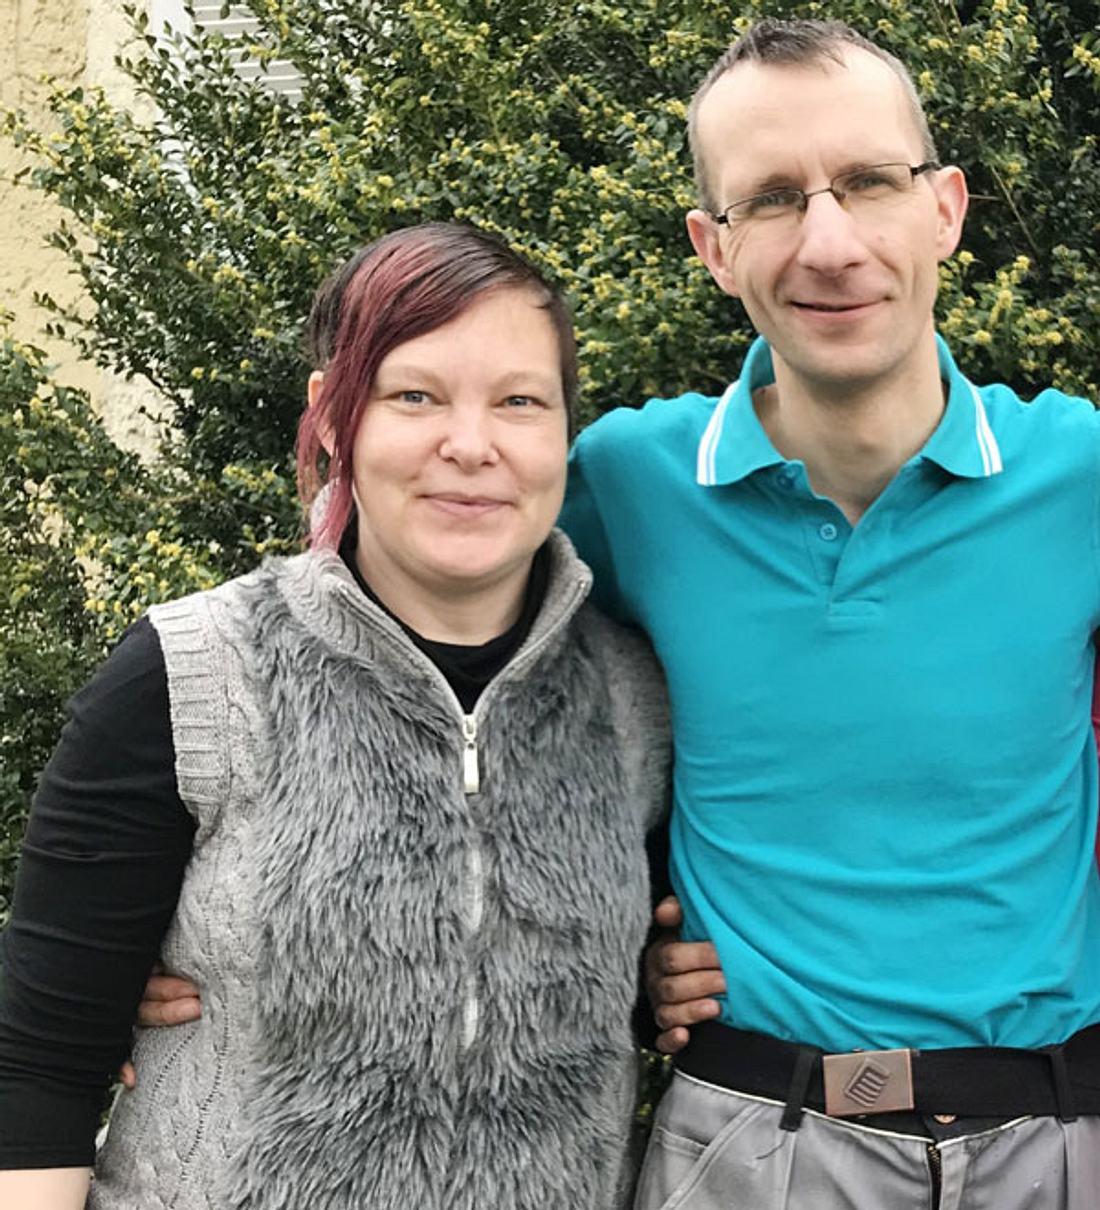 Schwiegertochter gesucht-Kandidat Heiko: Süße Baby-News mit seiner Anke!